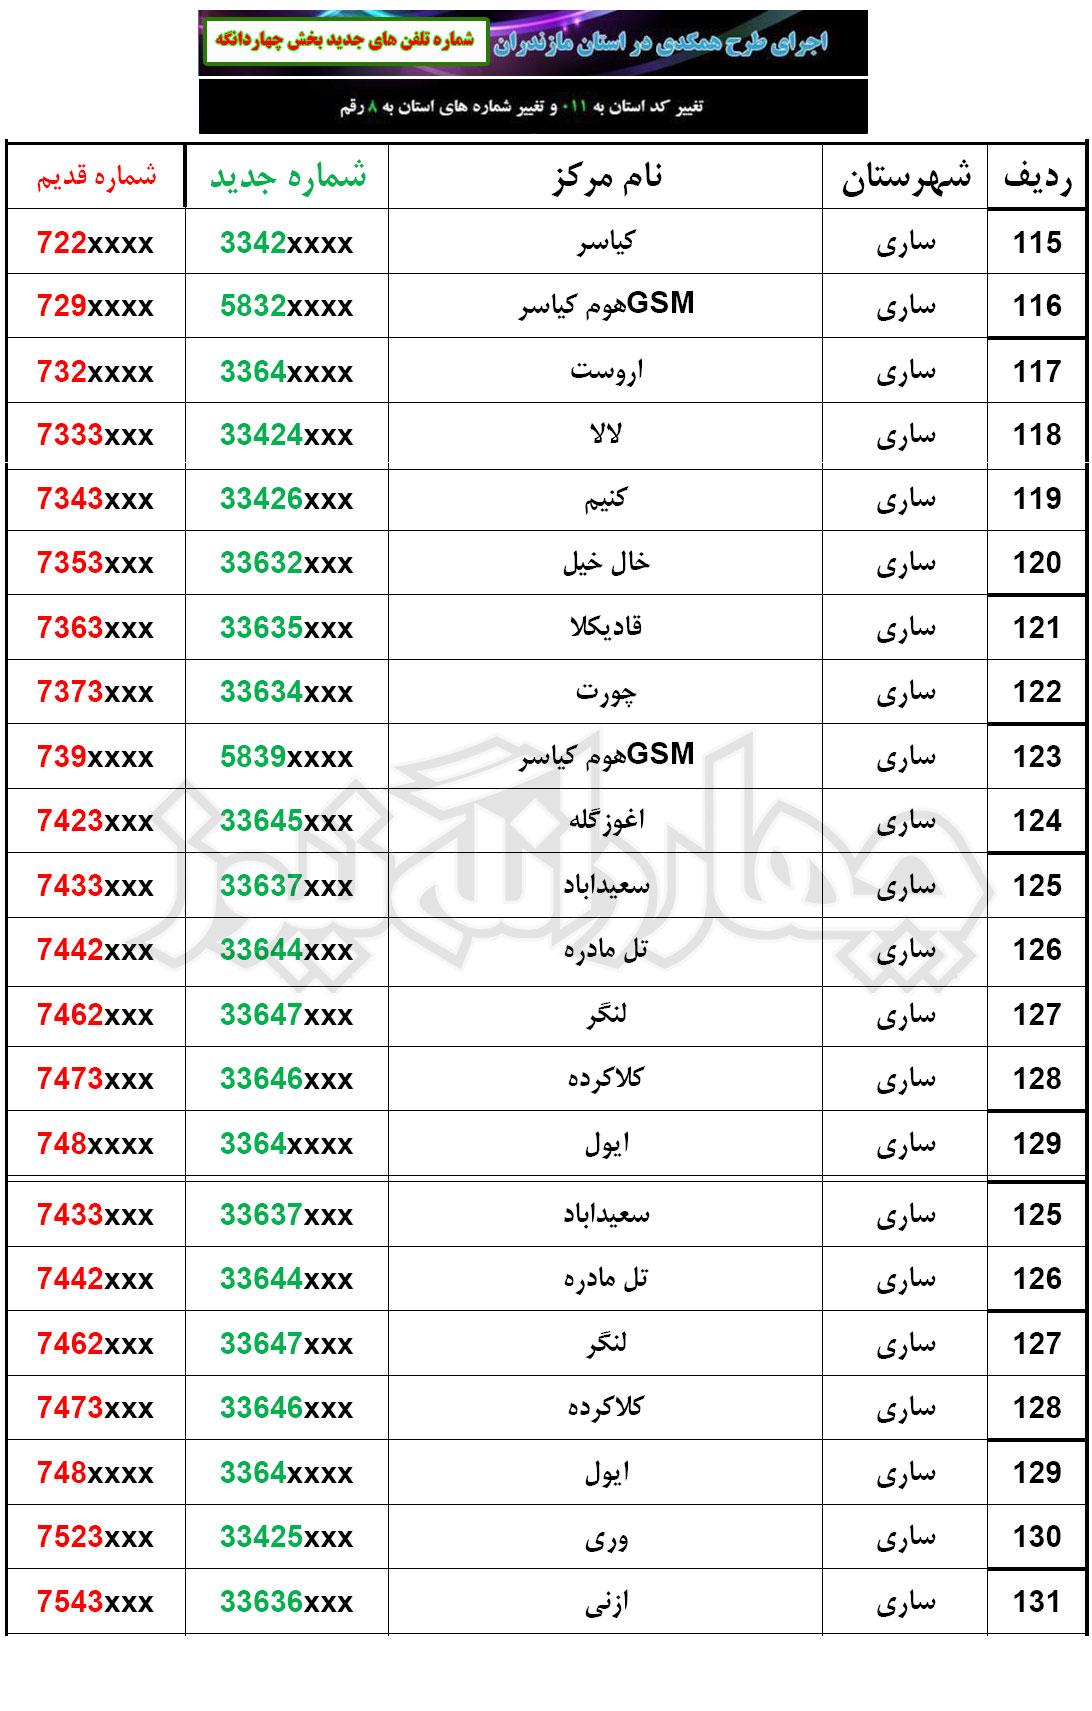 شماره جديد تلفن هاي ثابت مراكز مخابرات بخش چهاردانگه